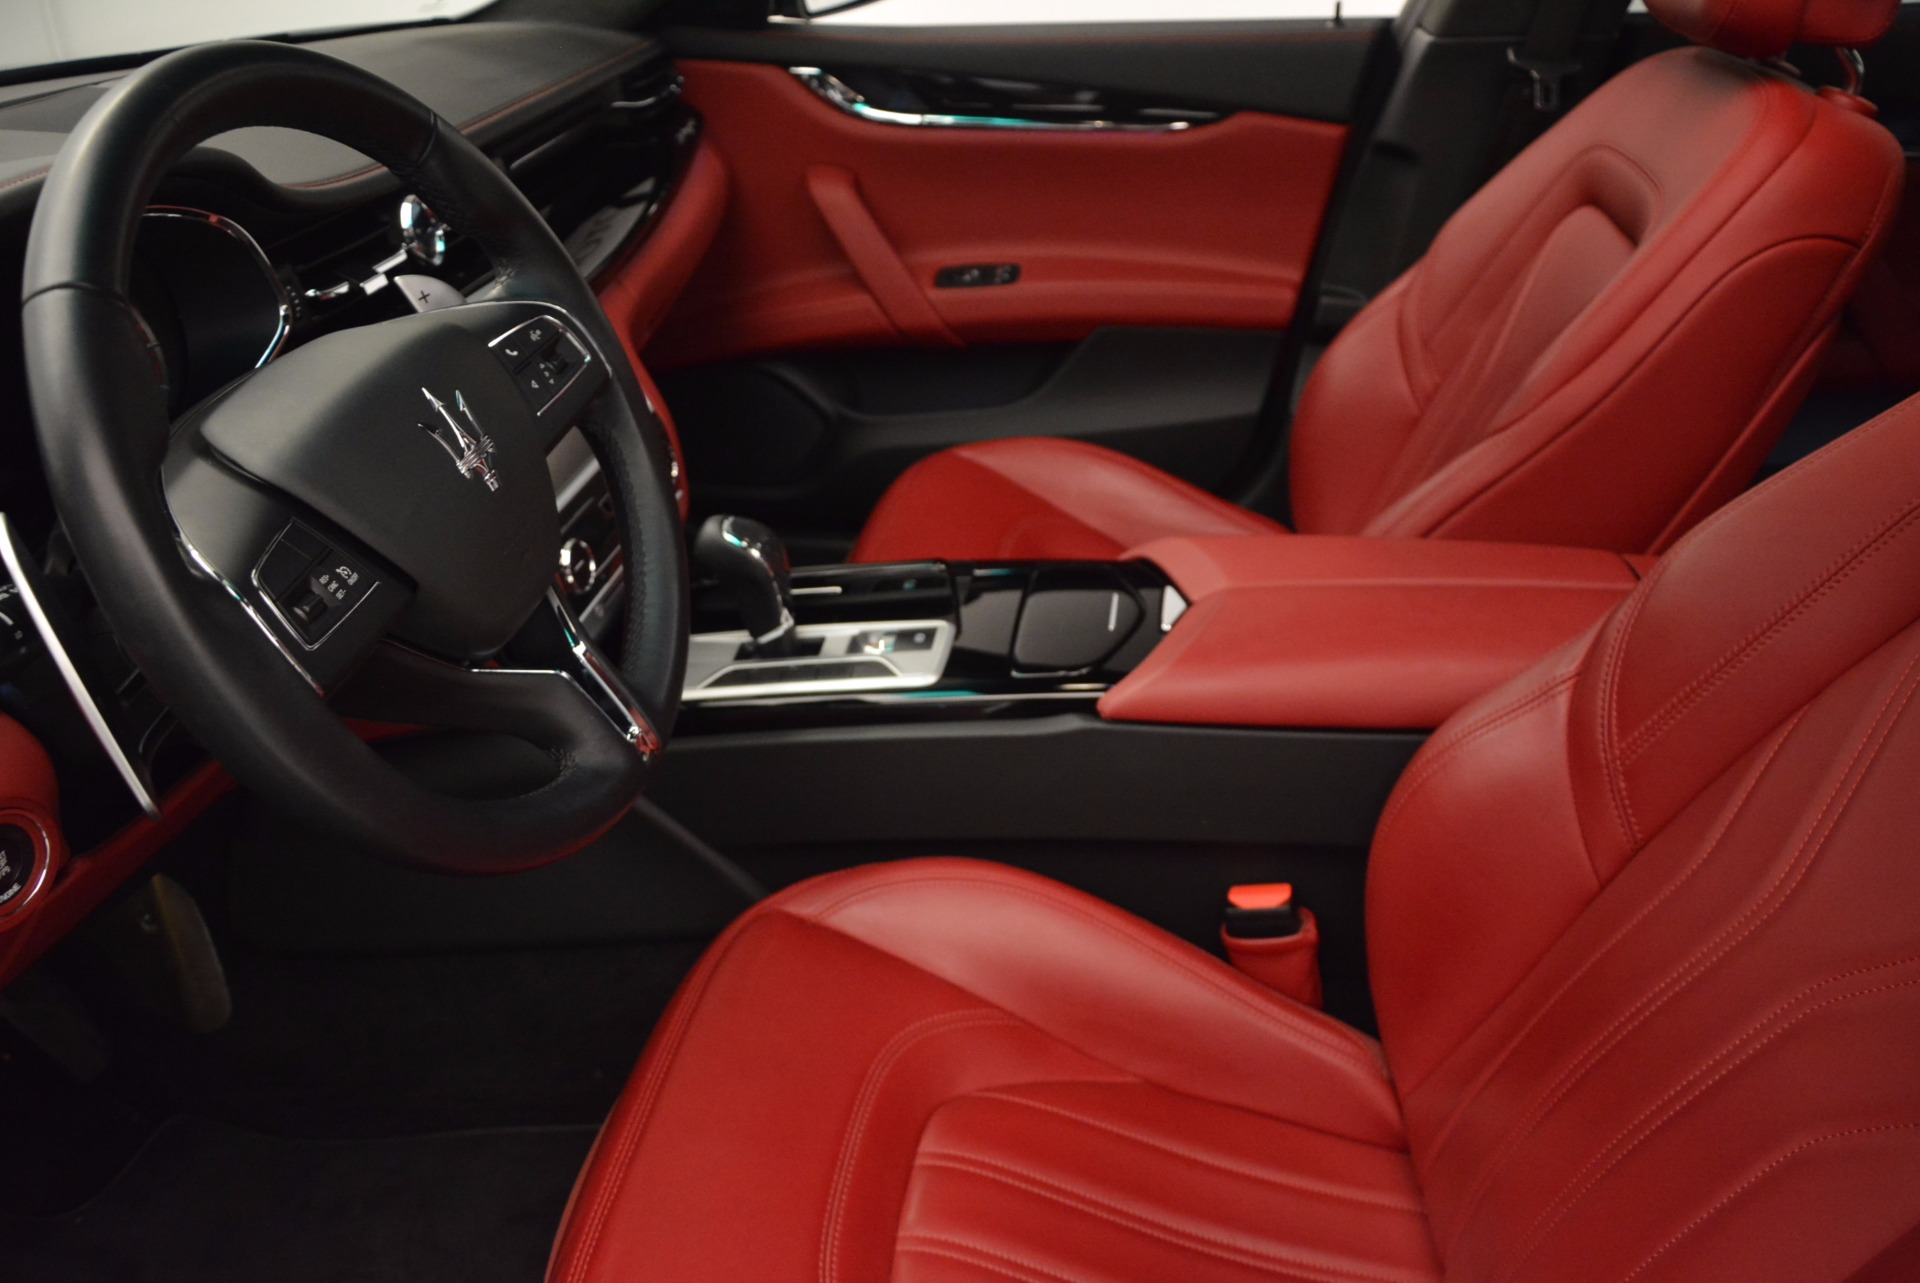 Used 2015 Maserati Quattroporte S Q4 For Sale In Greenwich, CT 809_p14